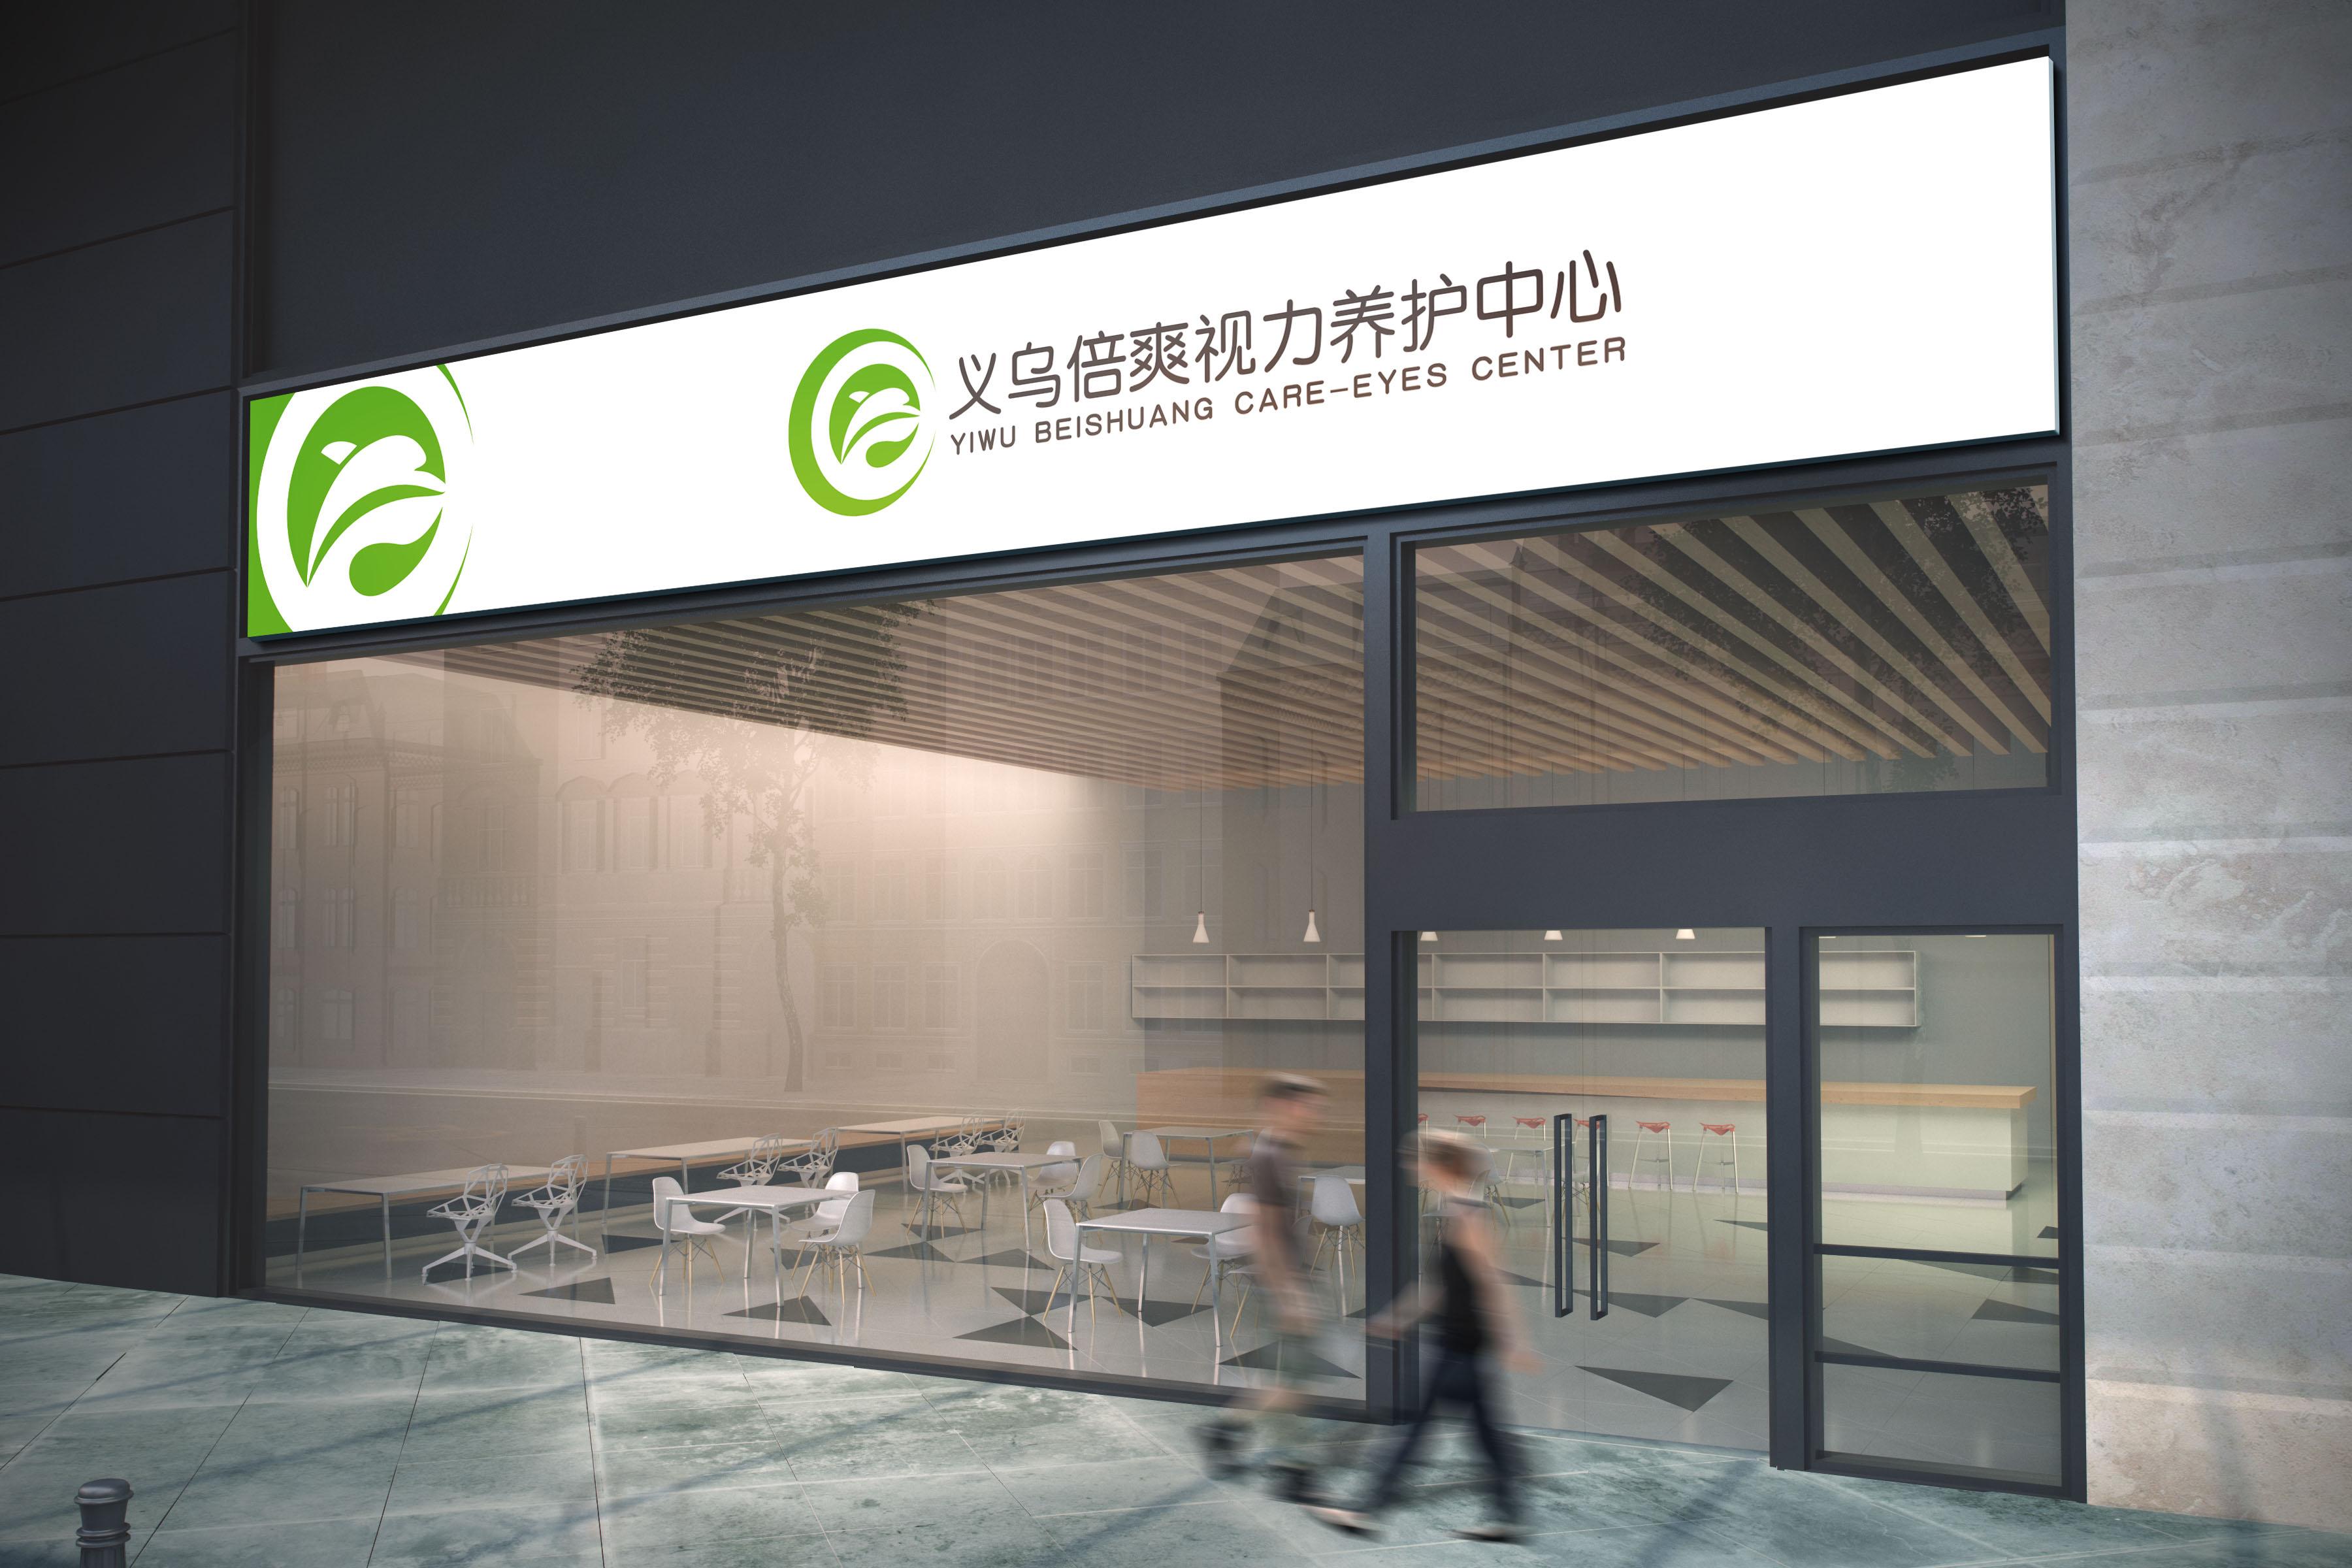 义乌倍爽视力养护中心logo设计_2994828_k68威客网